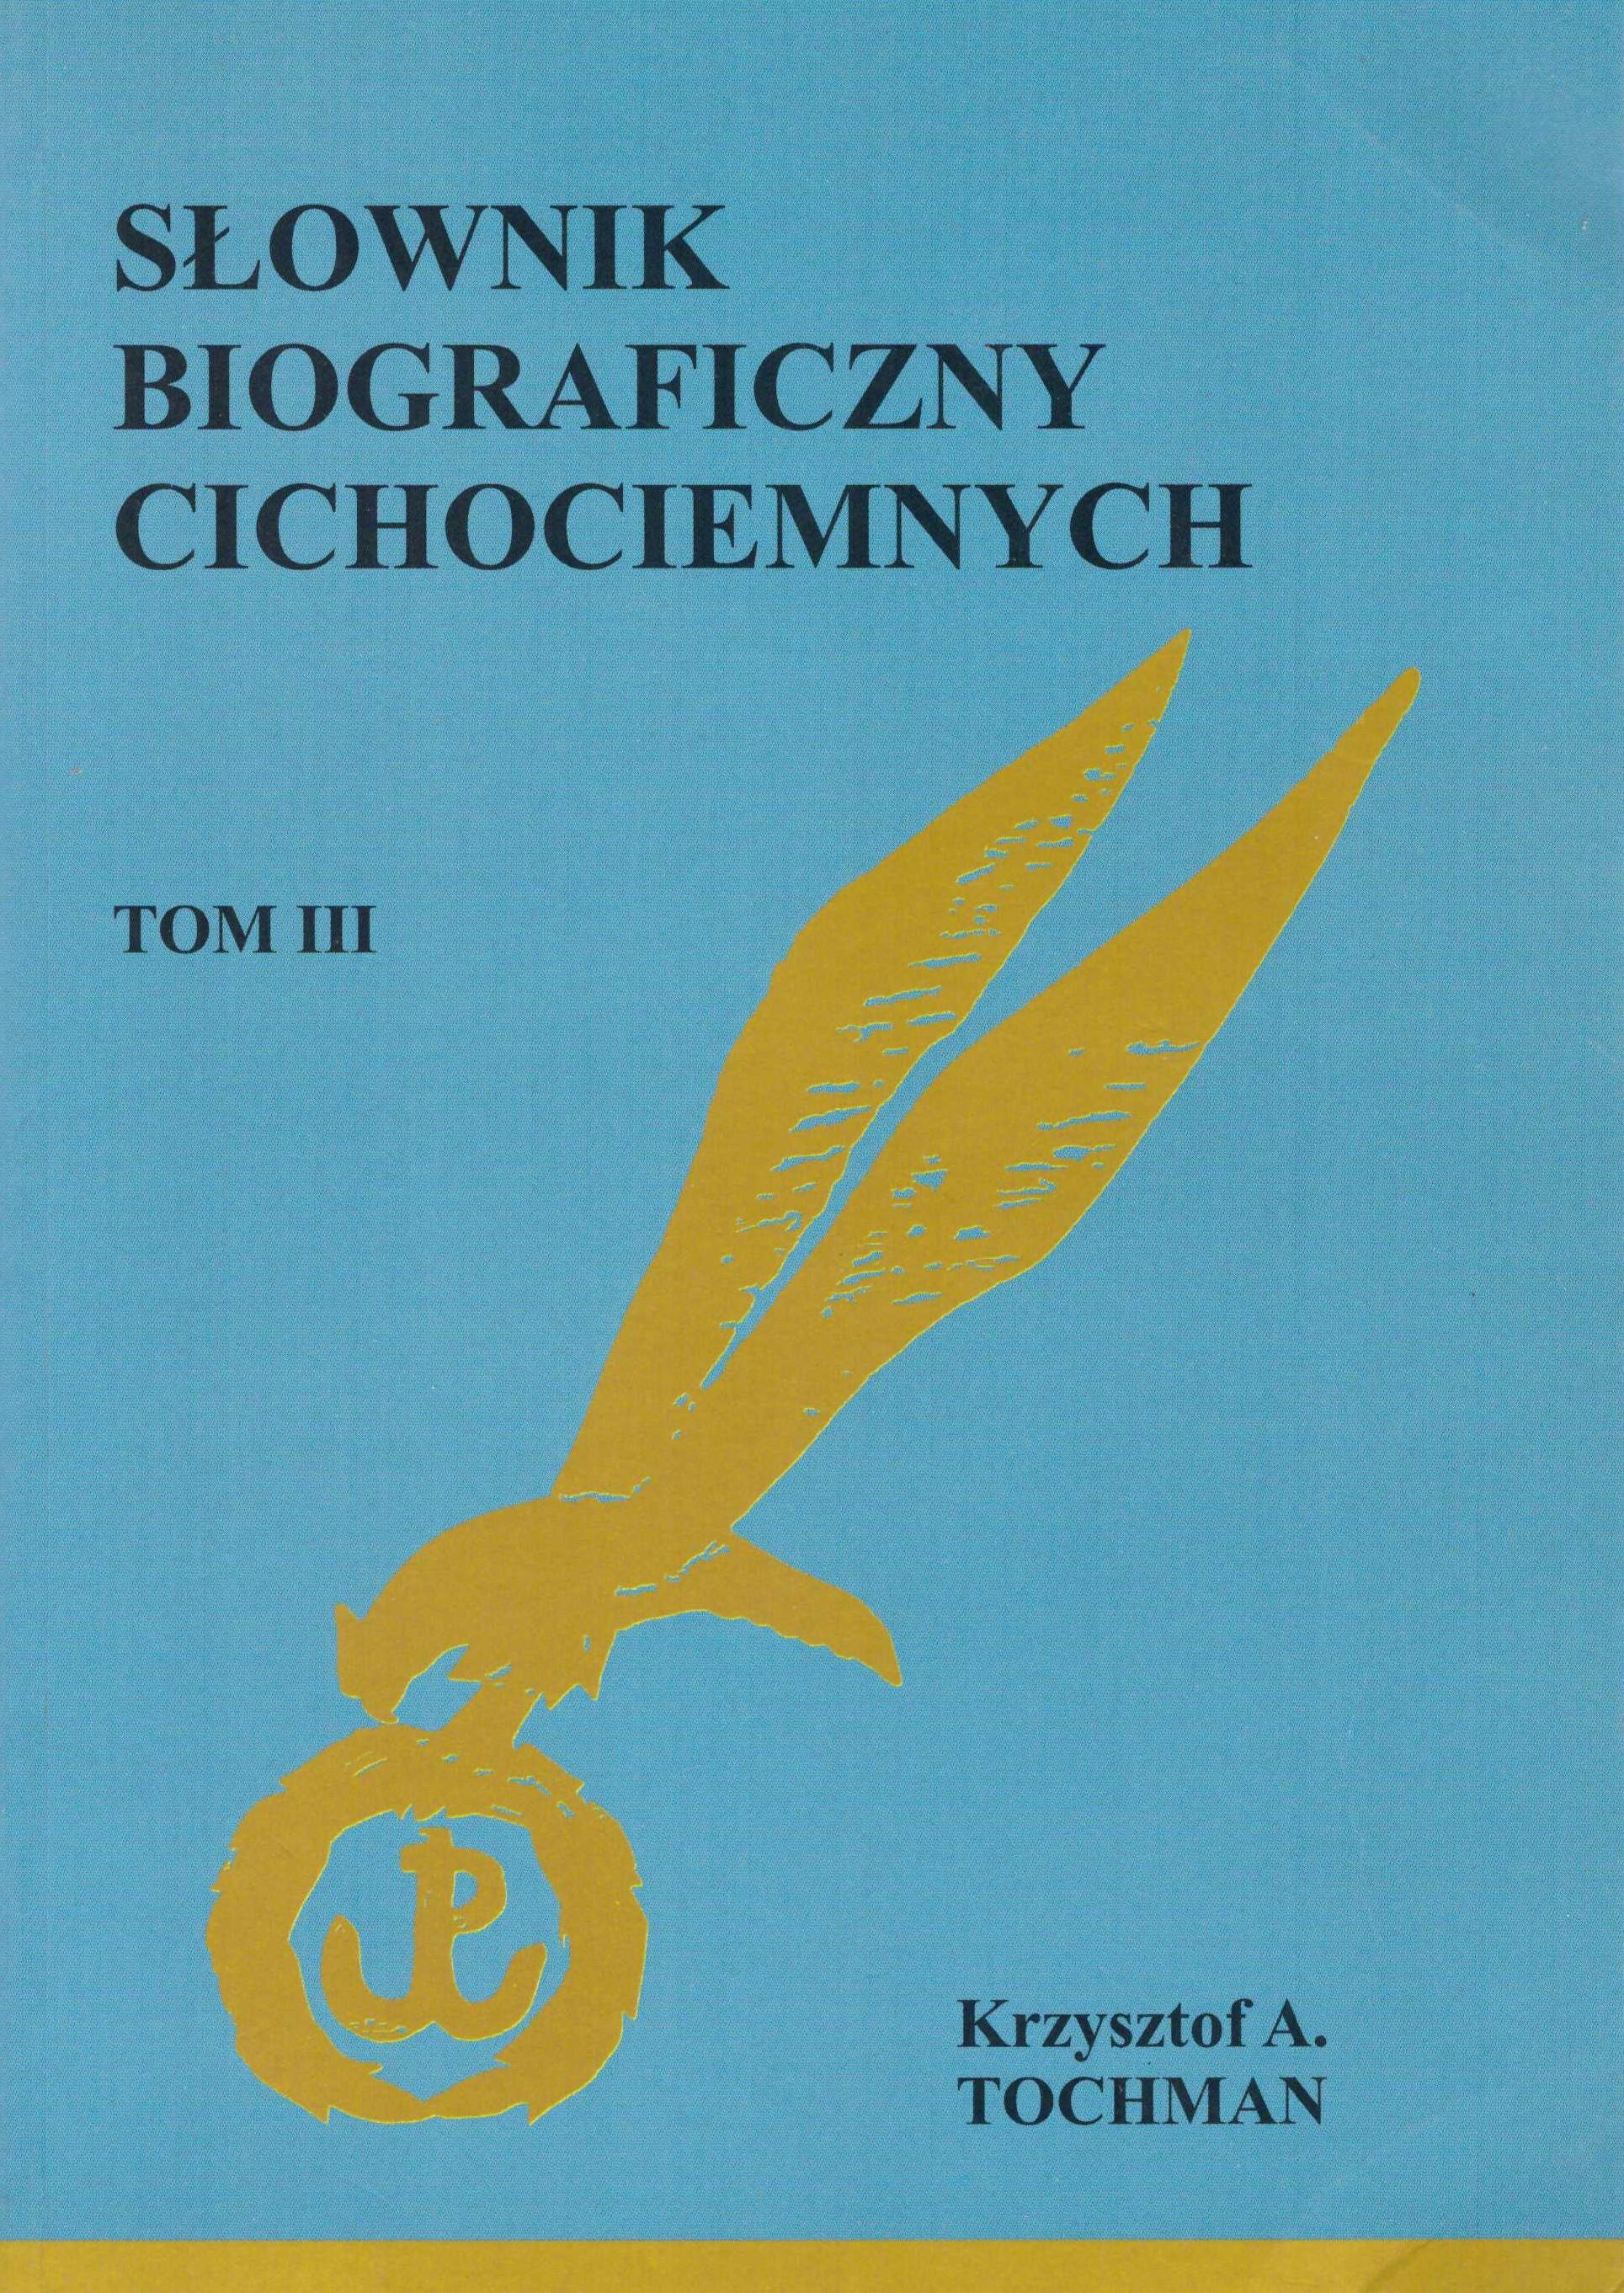 Słownik biograficzny cichociemnych T.3 (K.A.Tochman)